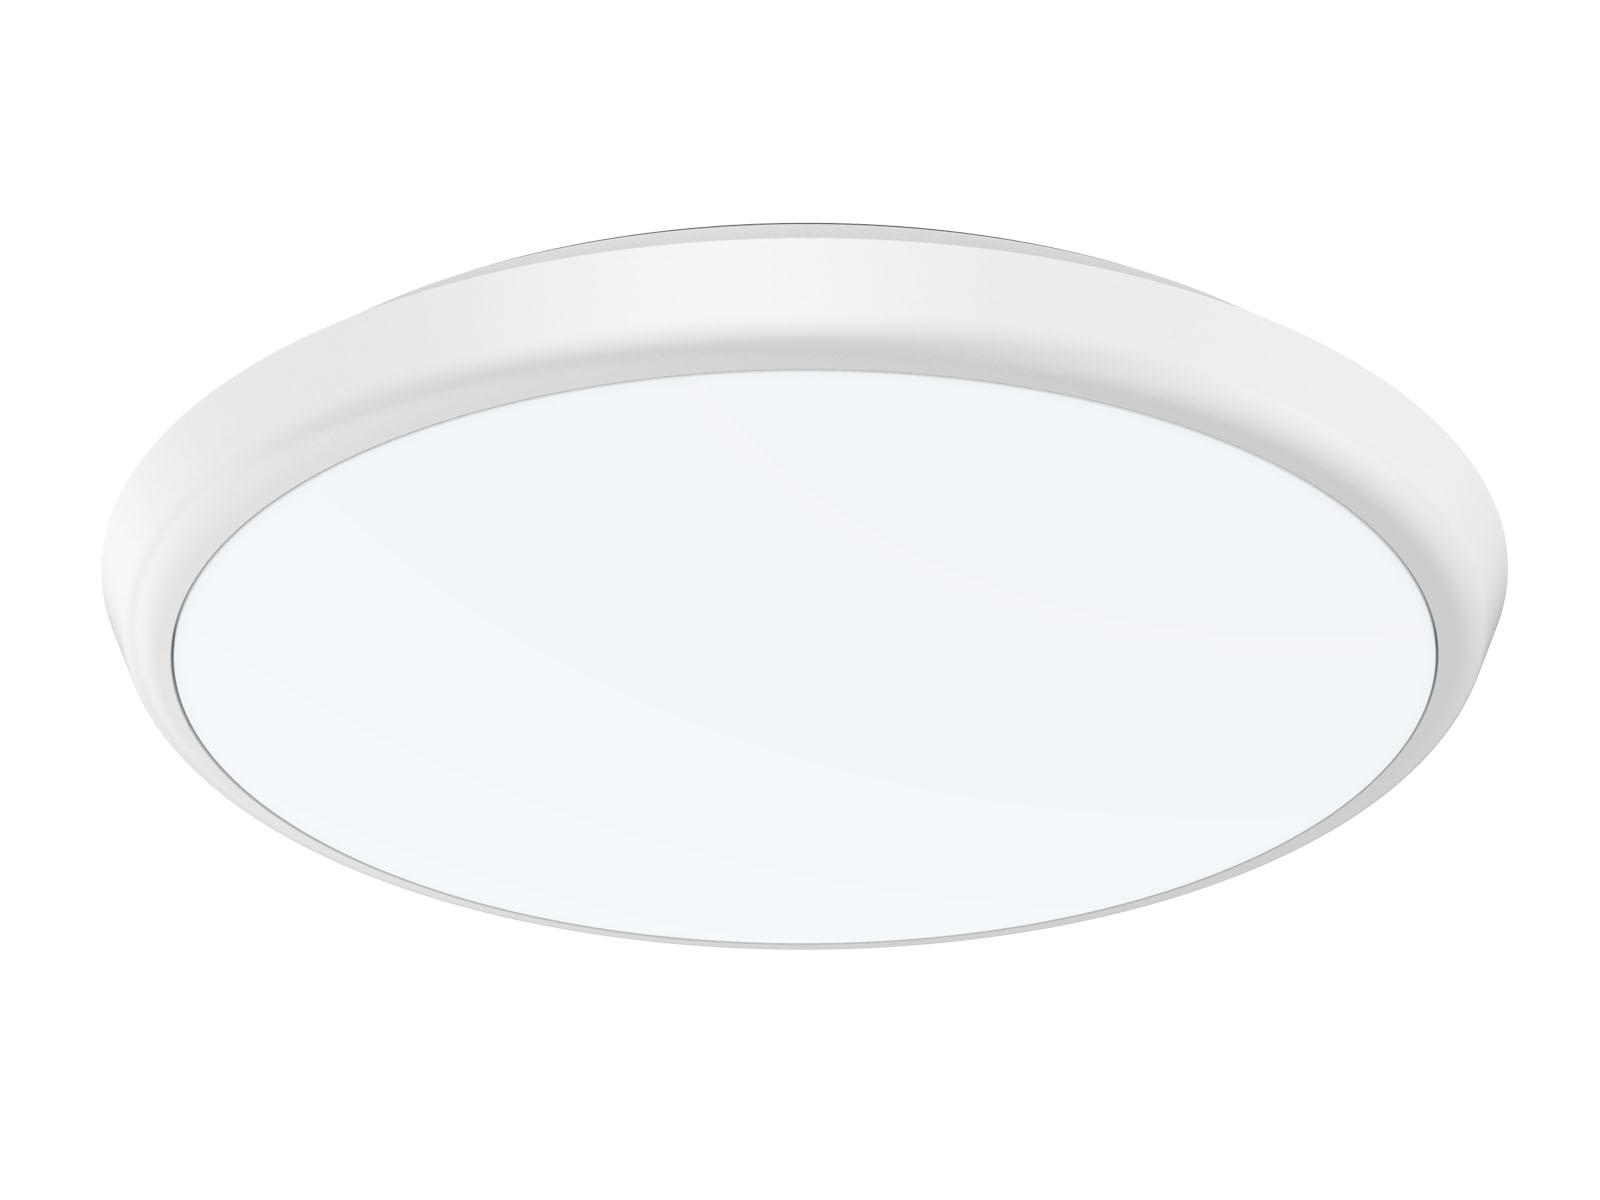 Ip54 Waterproof Bathroom Ceiling Light Fixtures